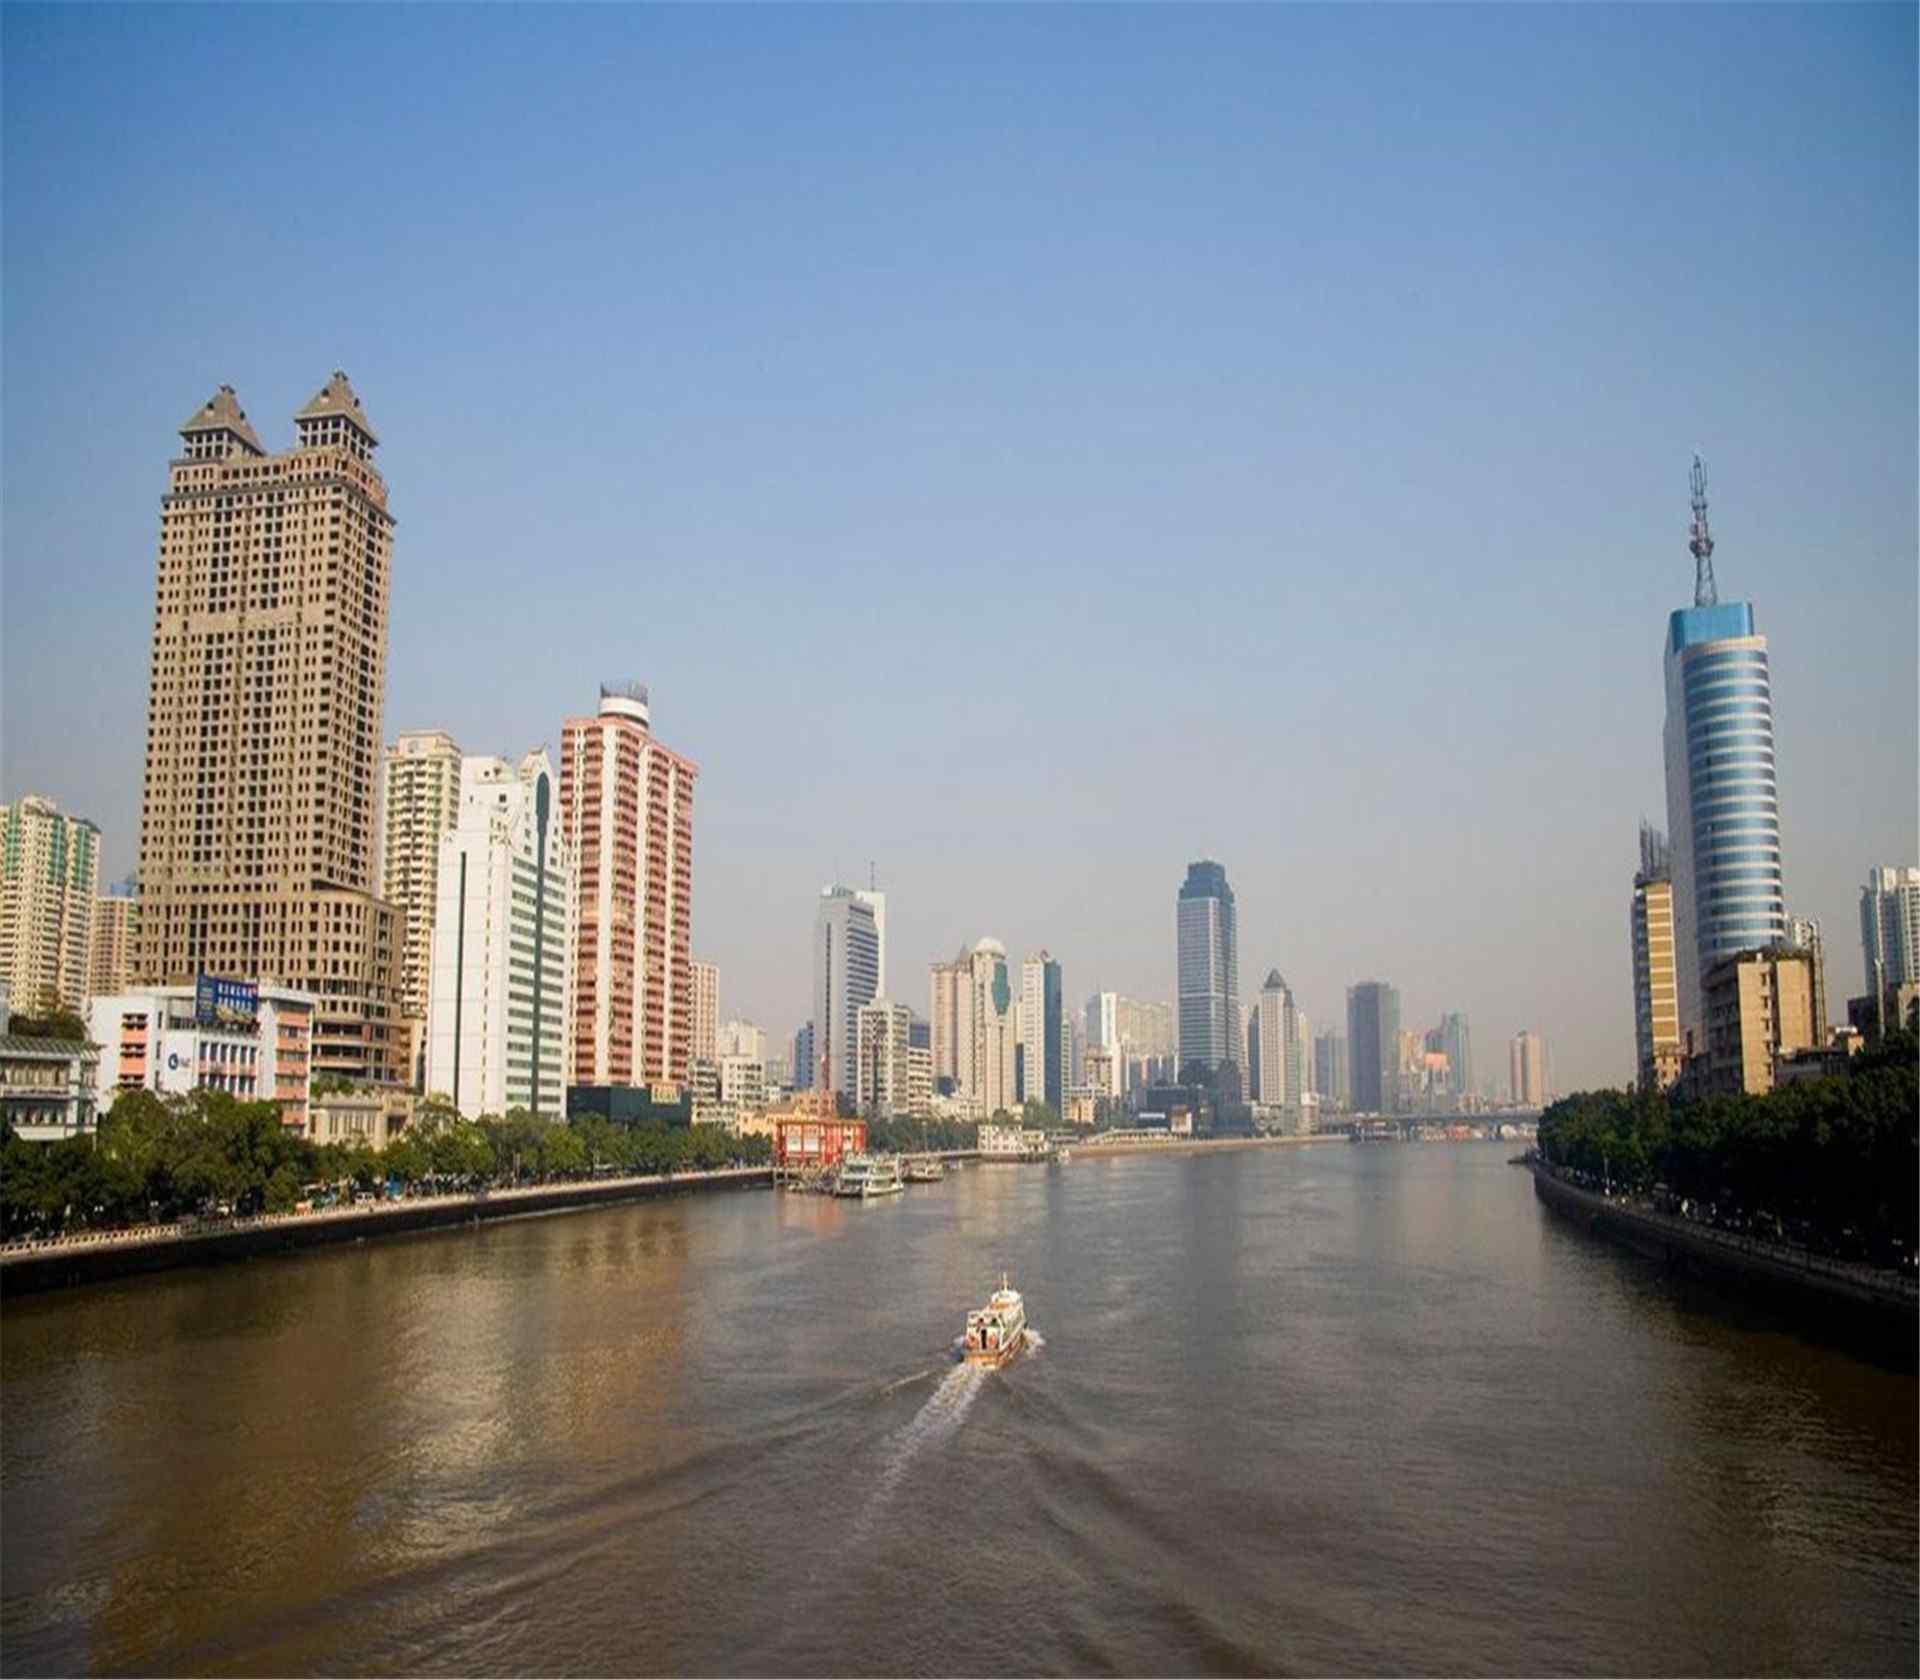 羊城广州城市风景图片电脑桌面壁纸高清